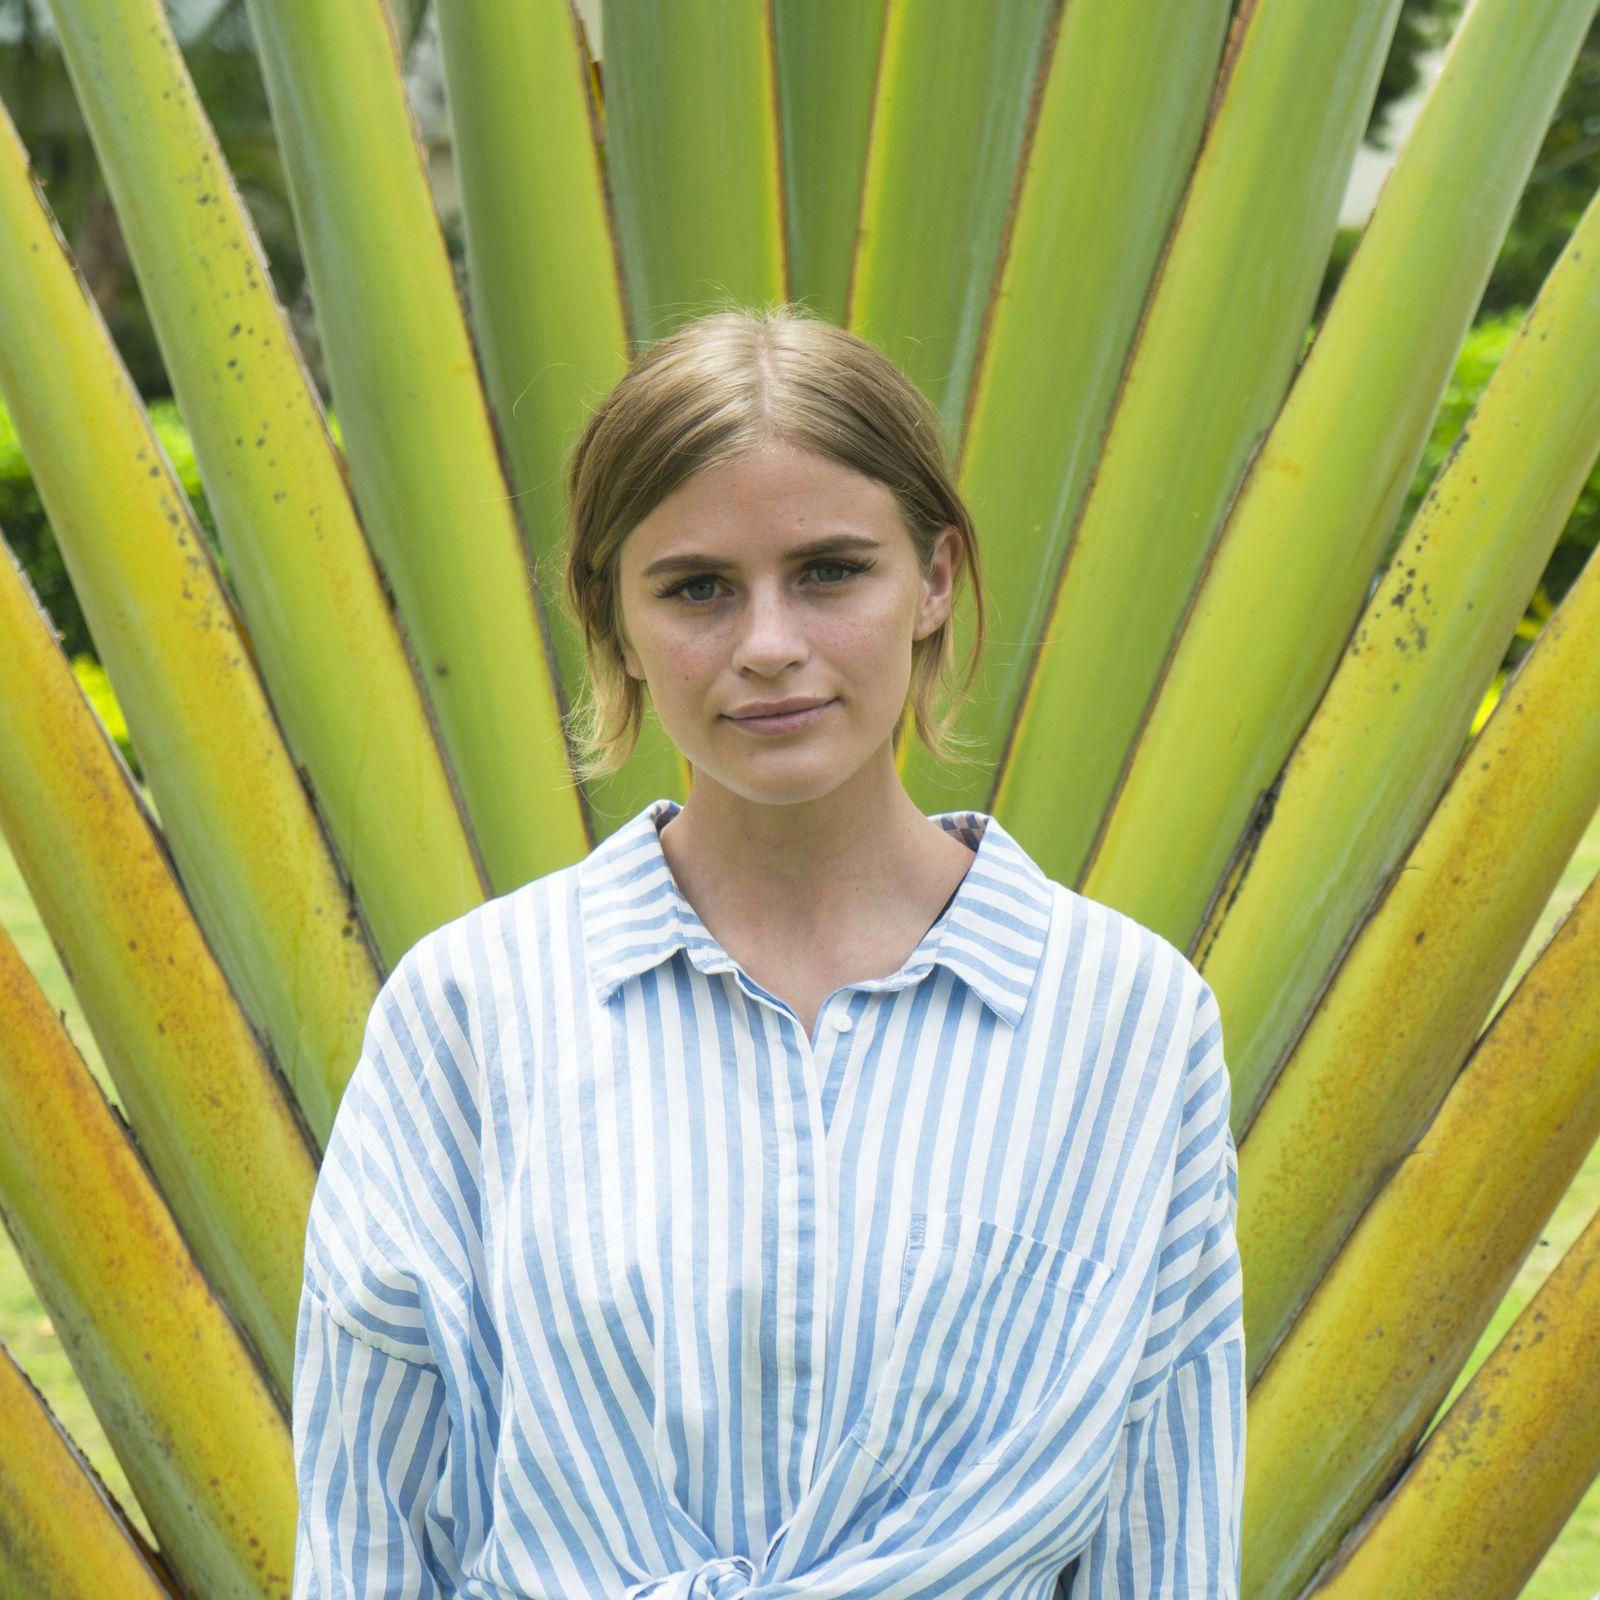 Hotel Occidental Caribe en República Dominicana influencer Zoelaz